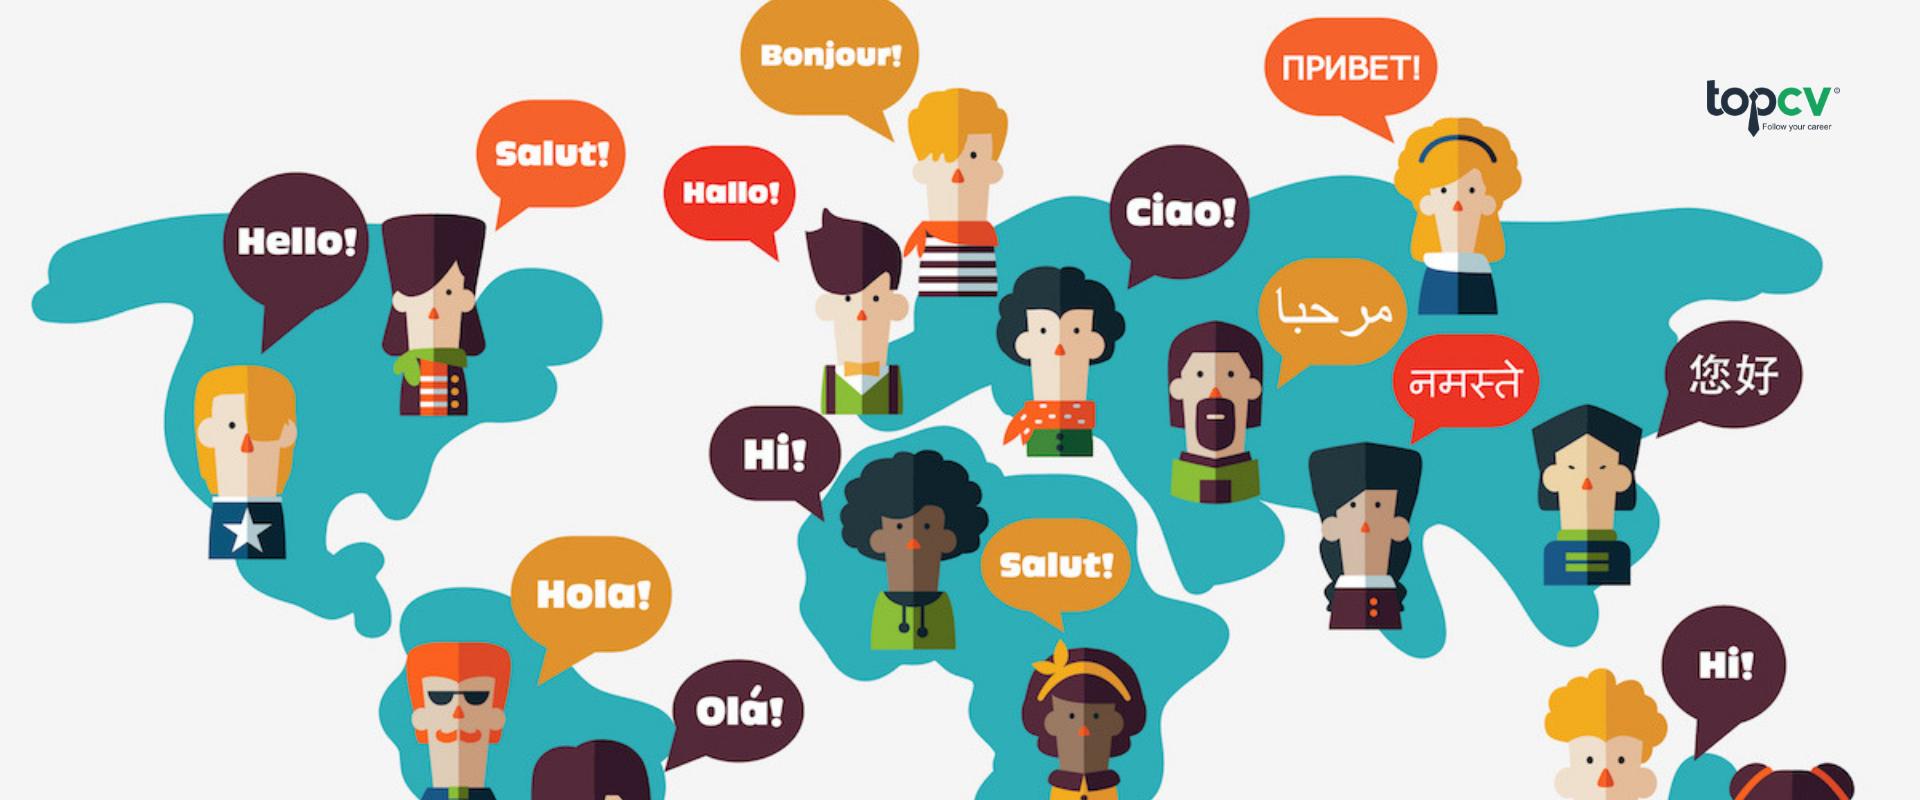 Học Logistics có cần biết ngoại ngữ, bạn sẽ quan tâm như vậy đúng không?